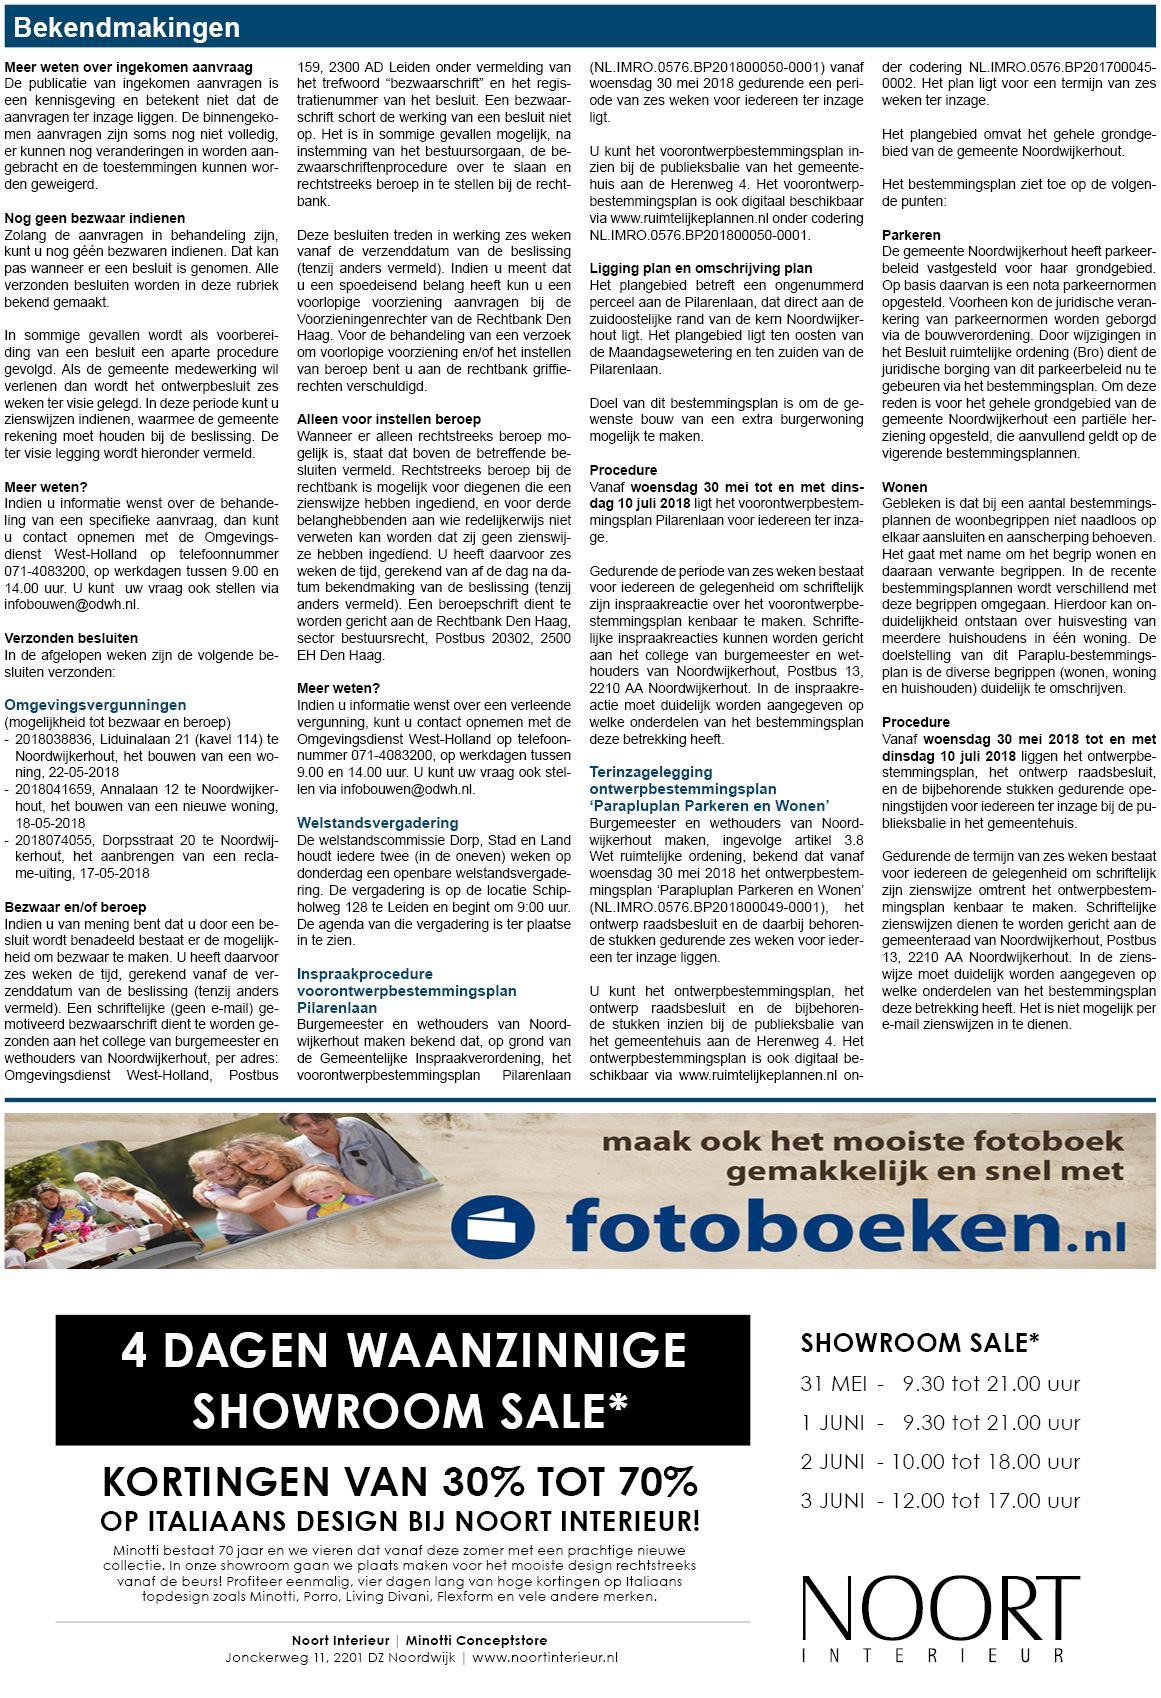 Noordwijkerhouts Weekblad 29 mei 2018